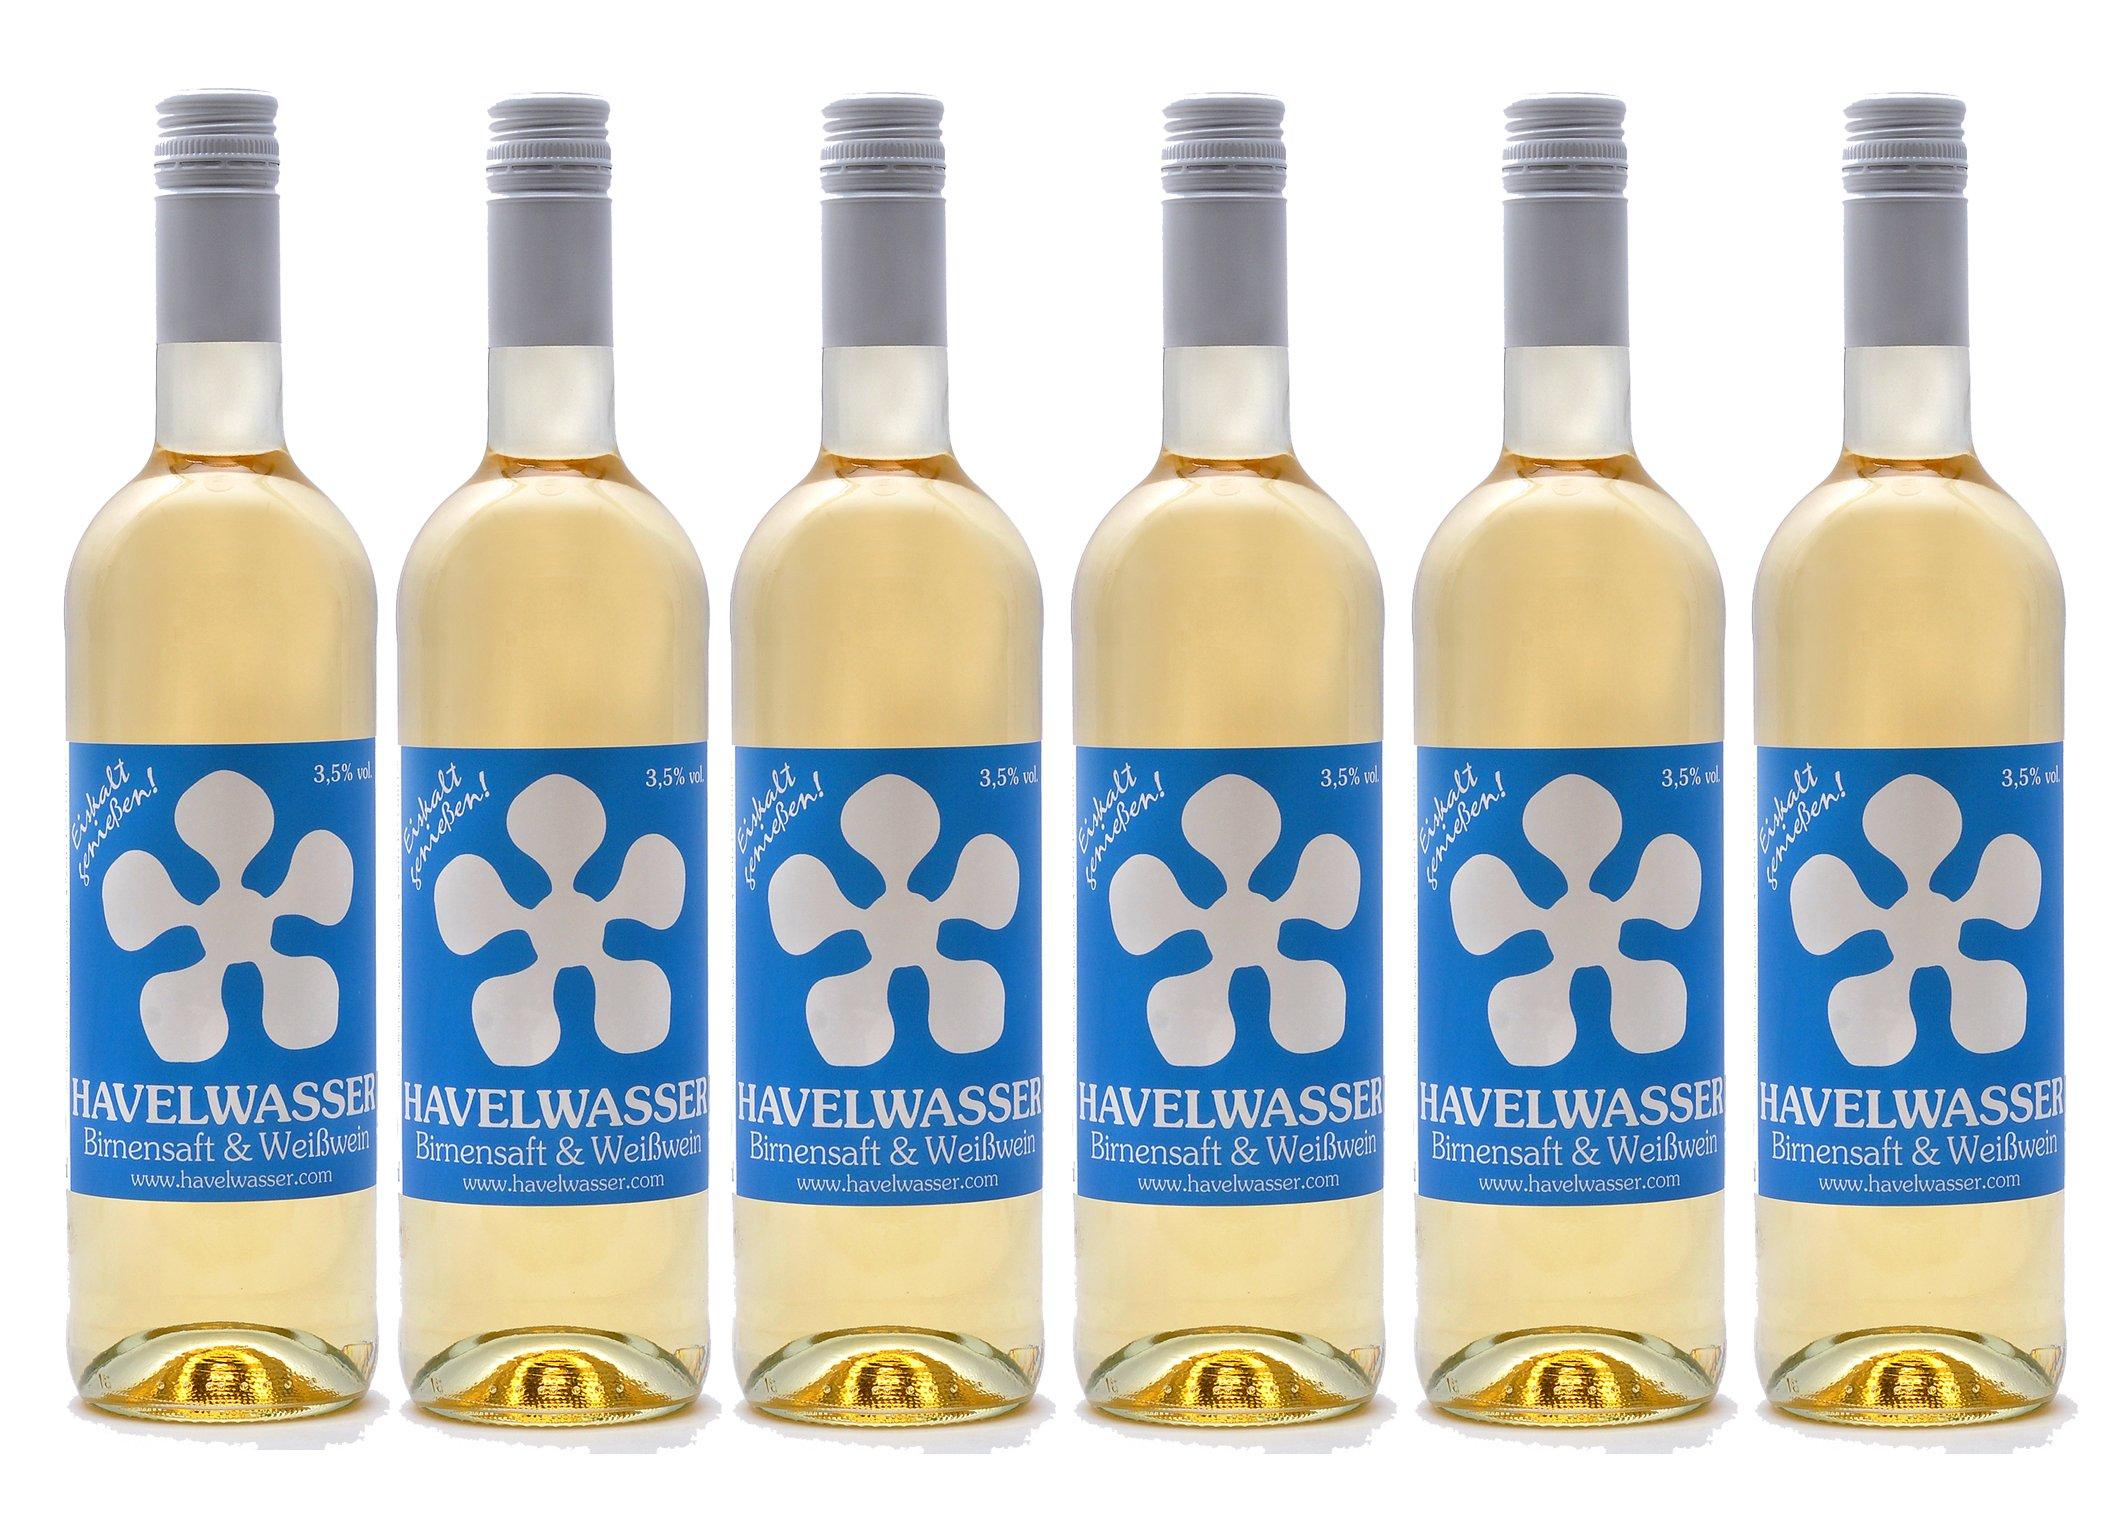 Havelwasser-Birnensaft-Weiwein-6-x-750ml-Glasflasche-Bio